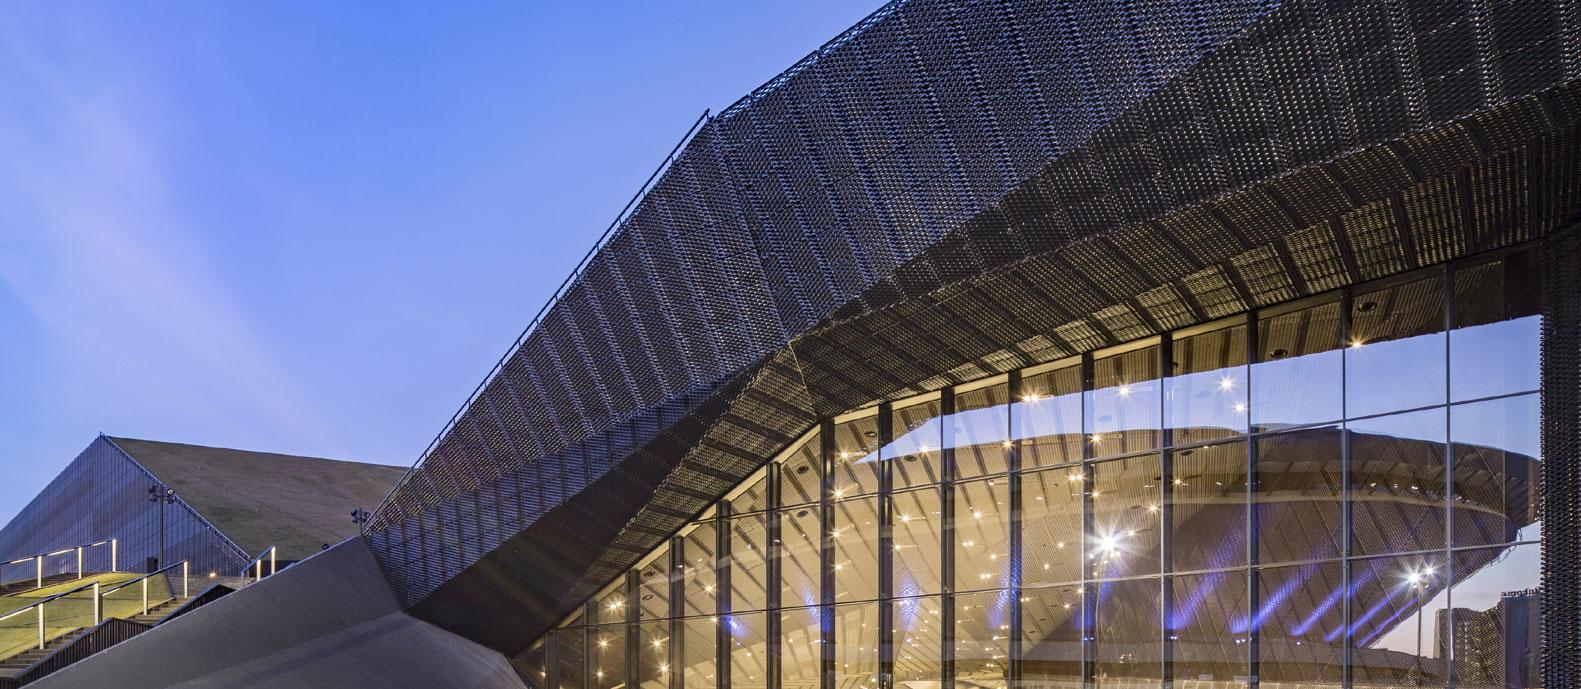 Expanded metal facade ICC Poland design